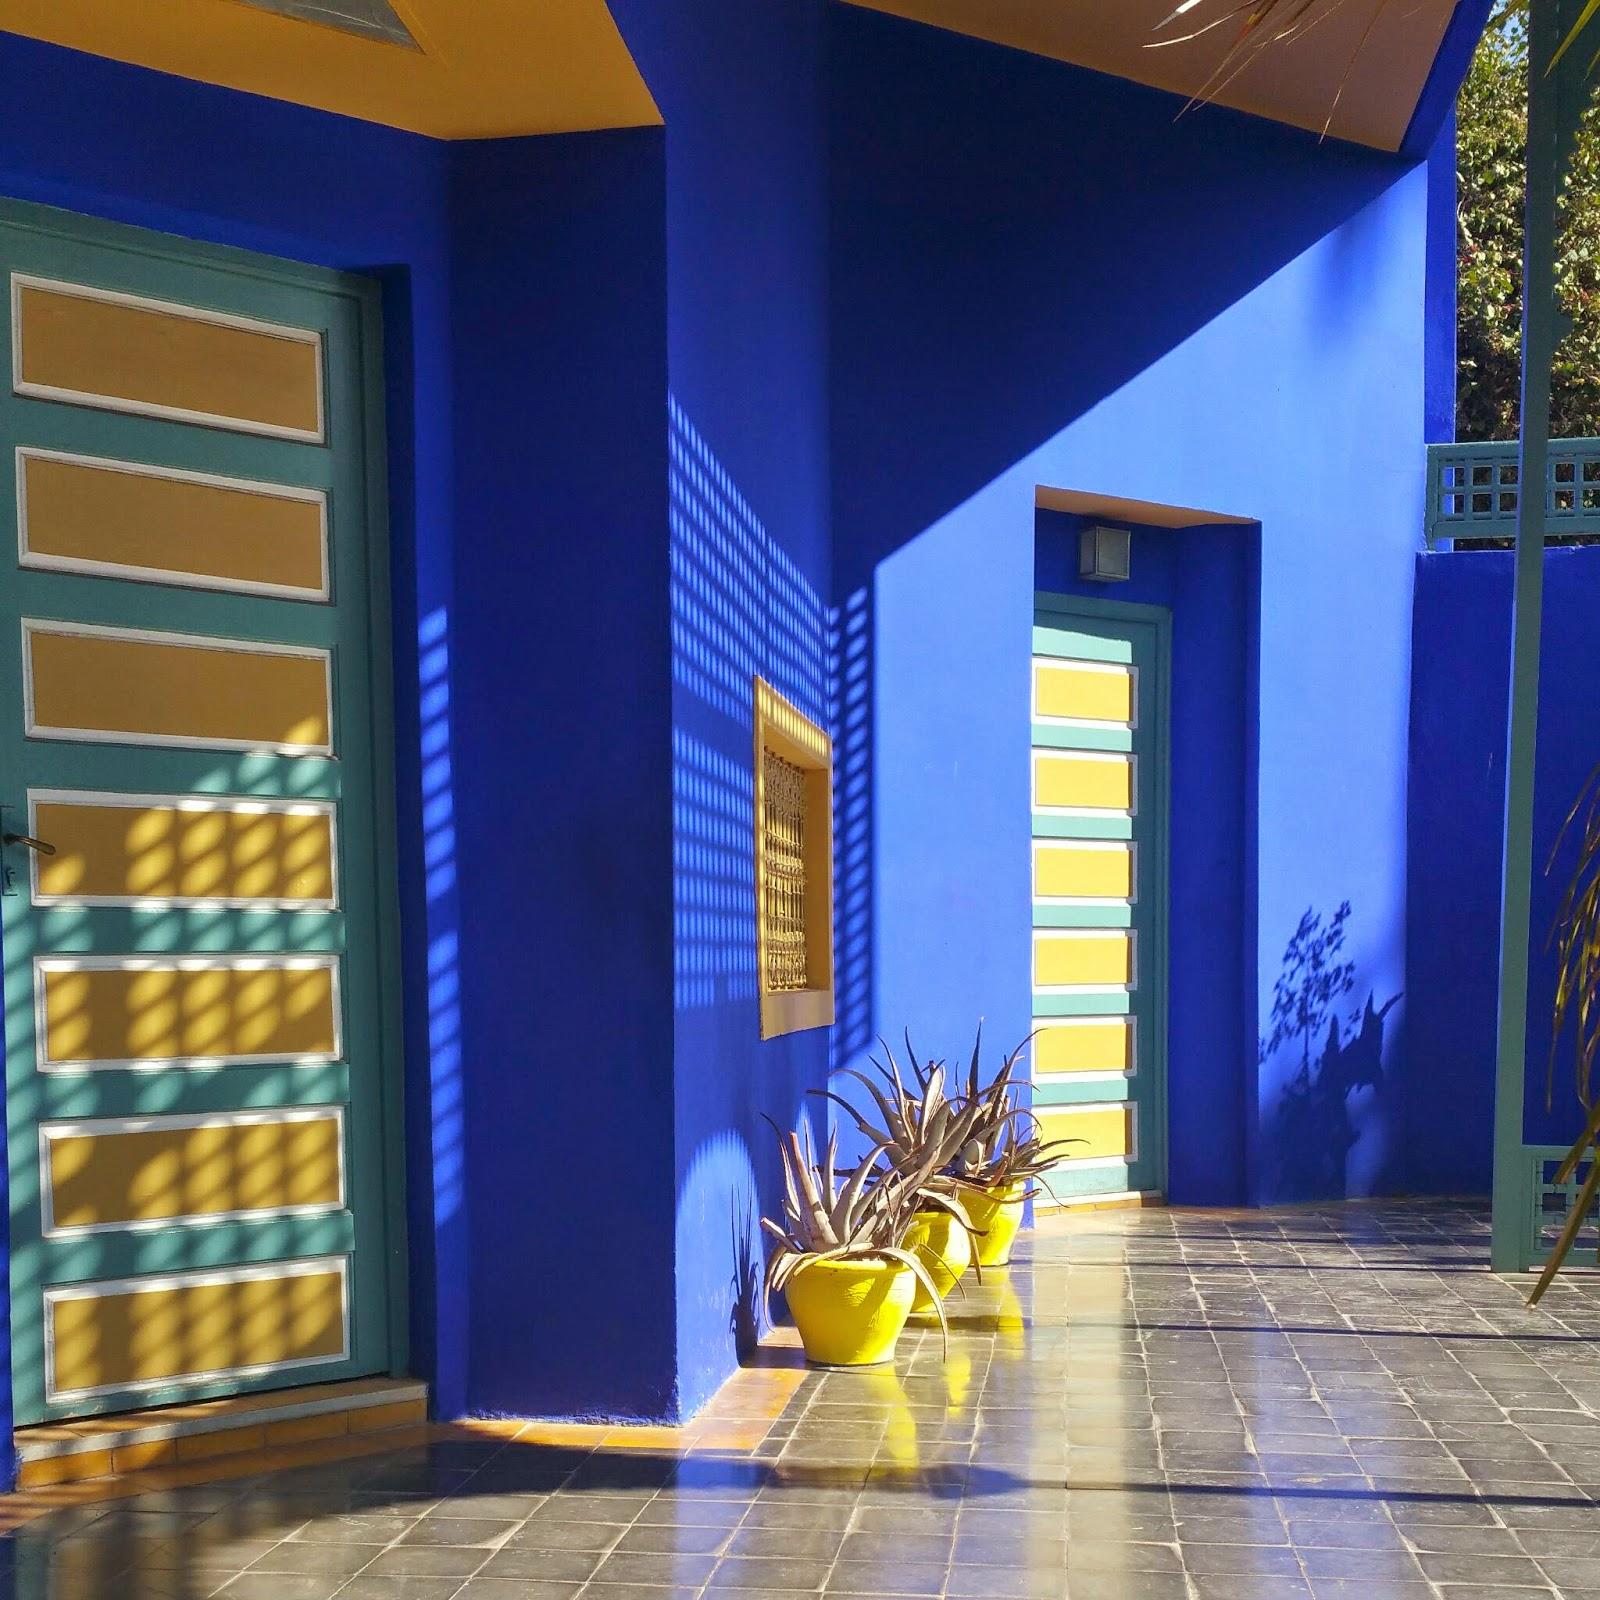 Les petites m ce jardin extraordinaire majorelle marrakech - Jardin majorelle prix d entree ...